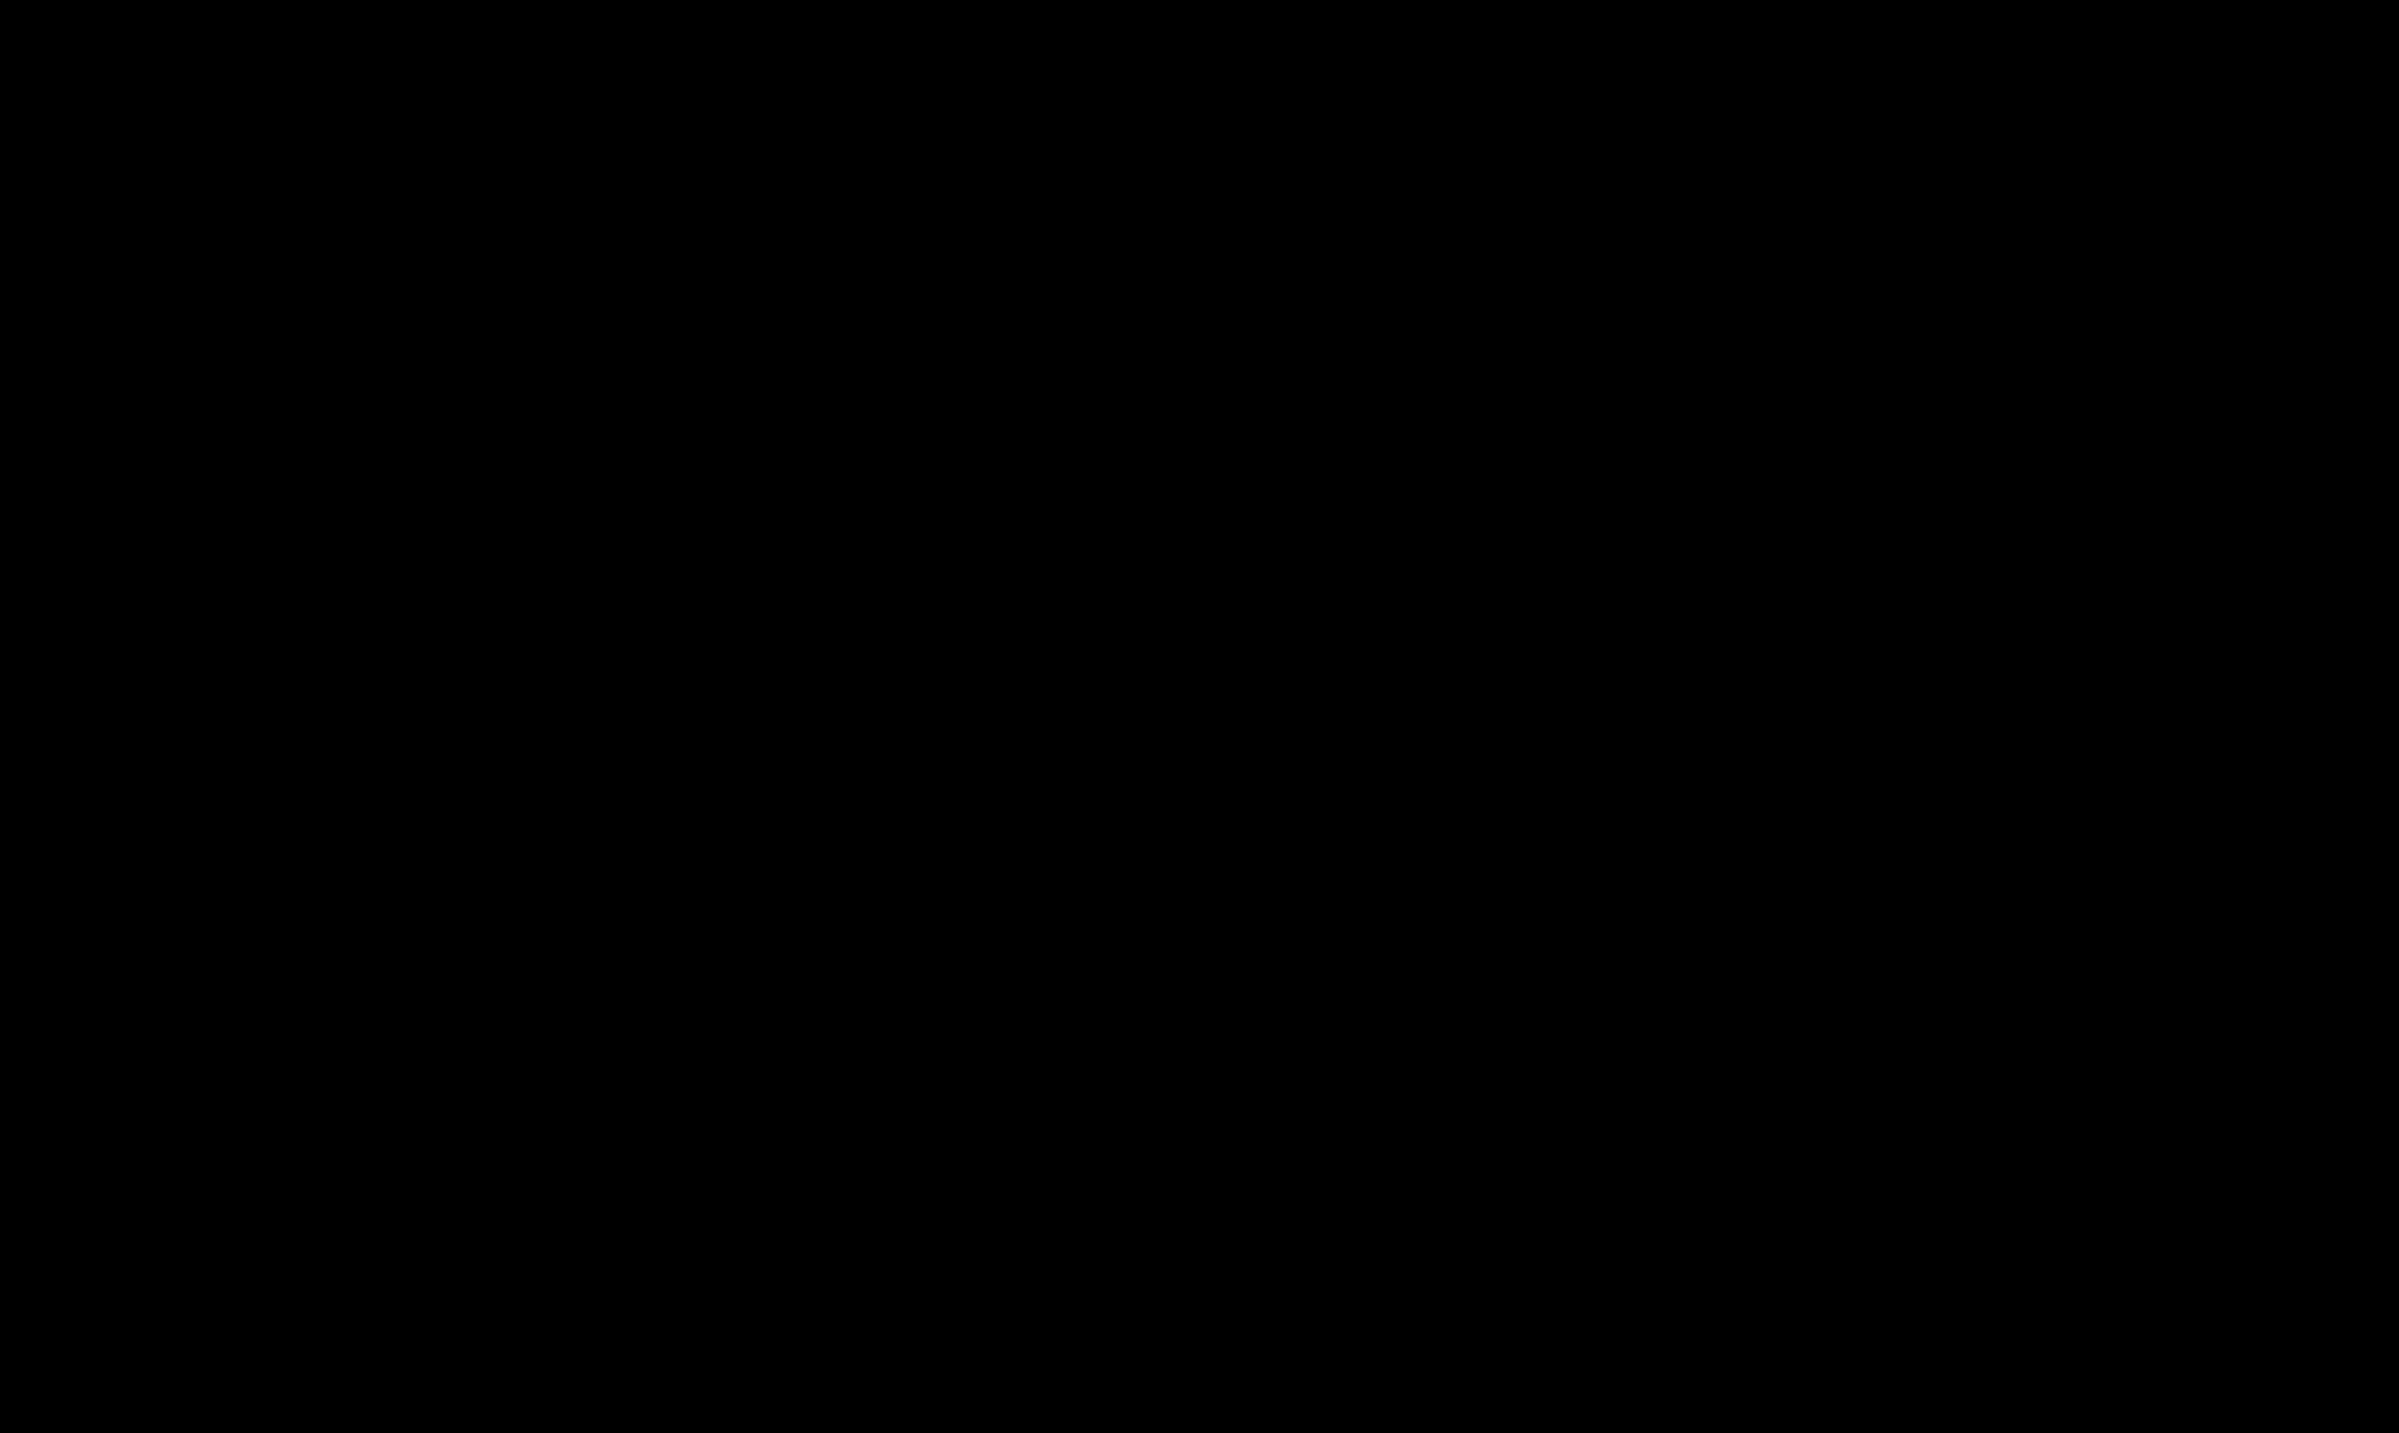 seagull silhouette clip art - 900×540